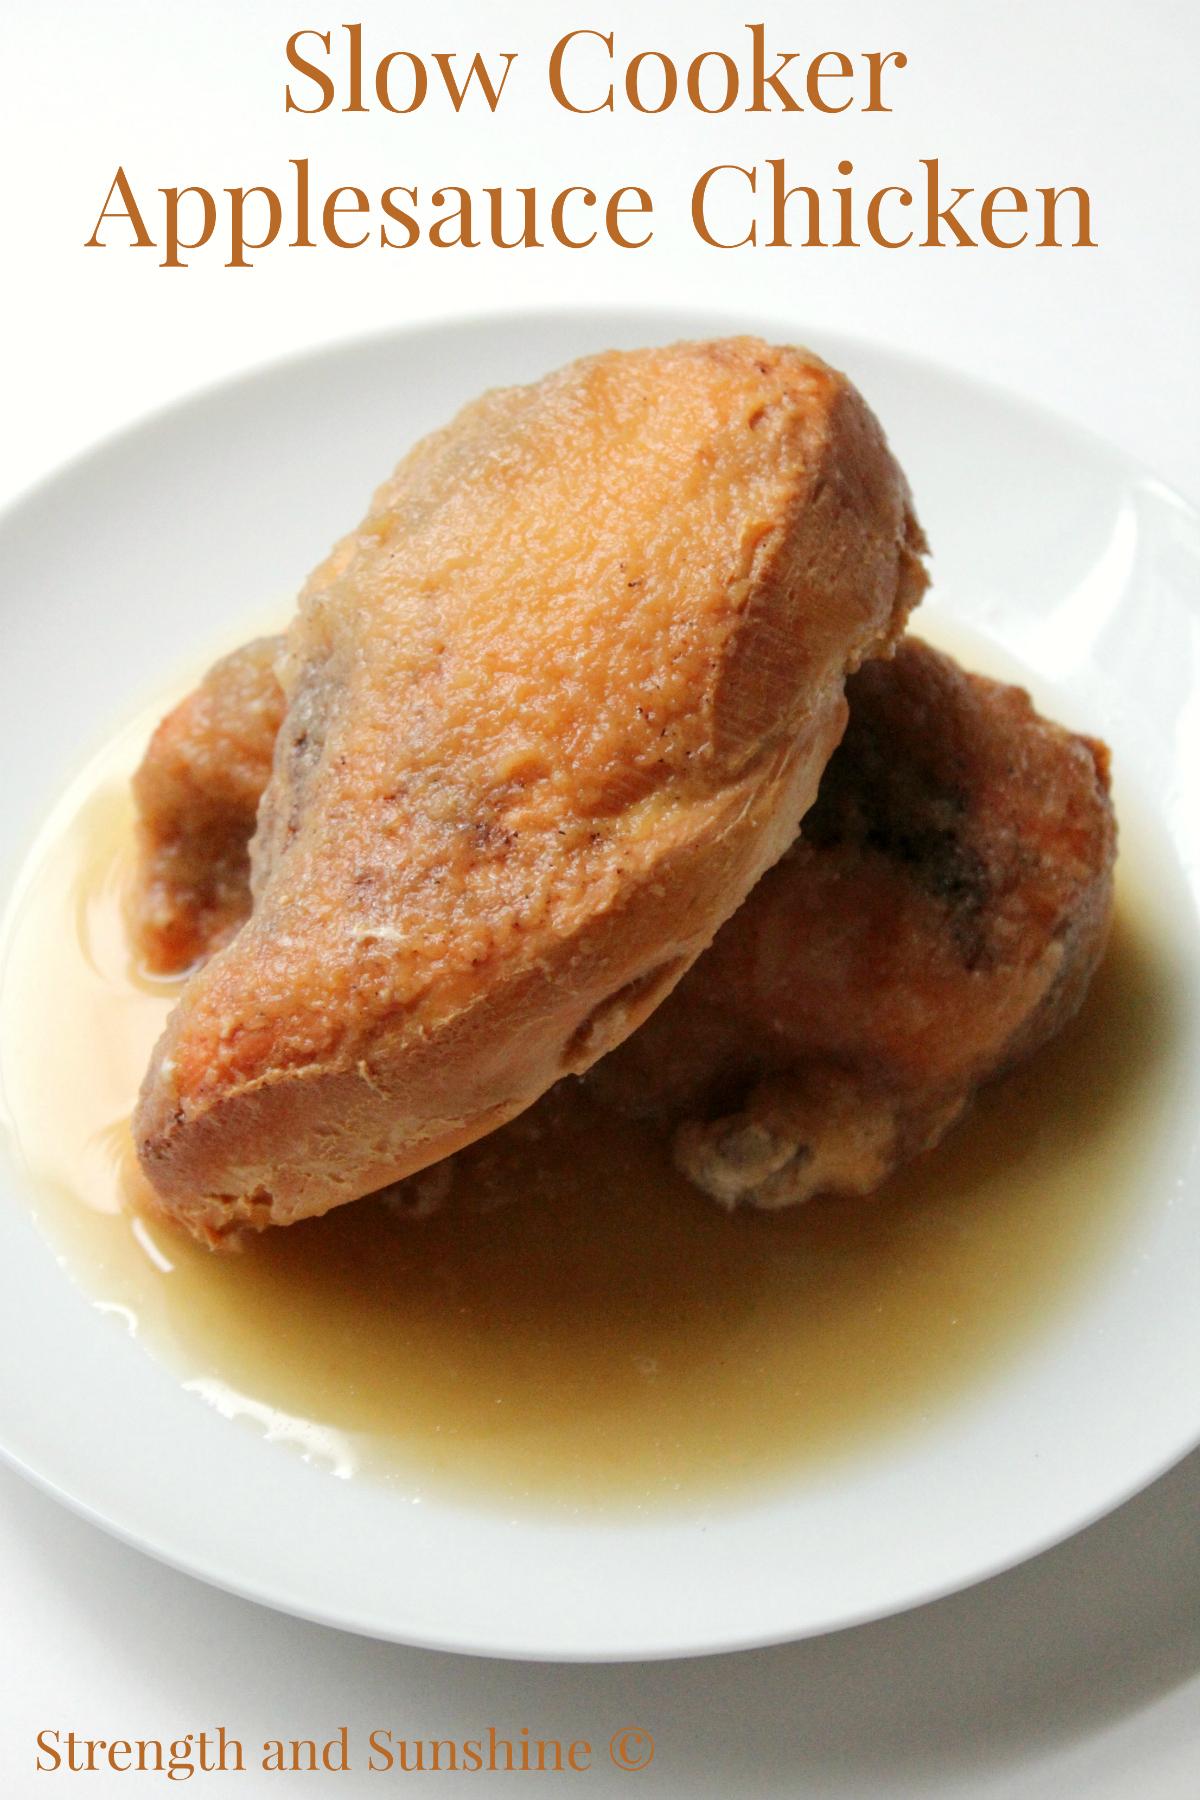 Slow-Cooker-Applesauce-Chicken-6.6